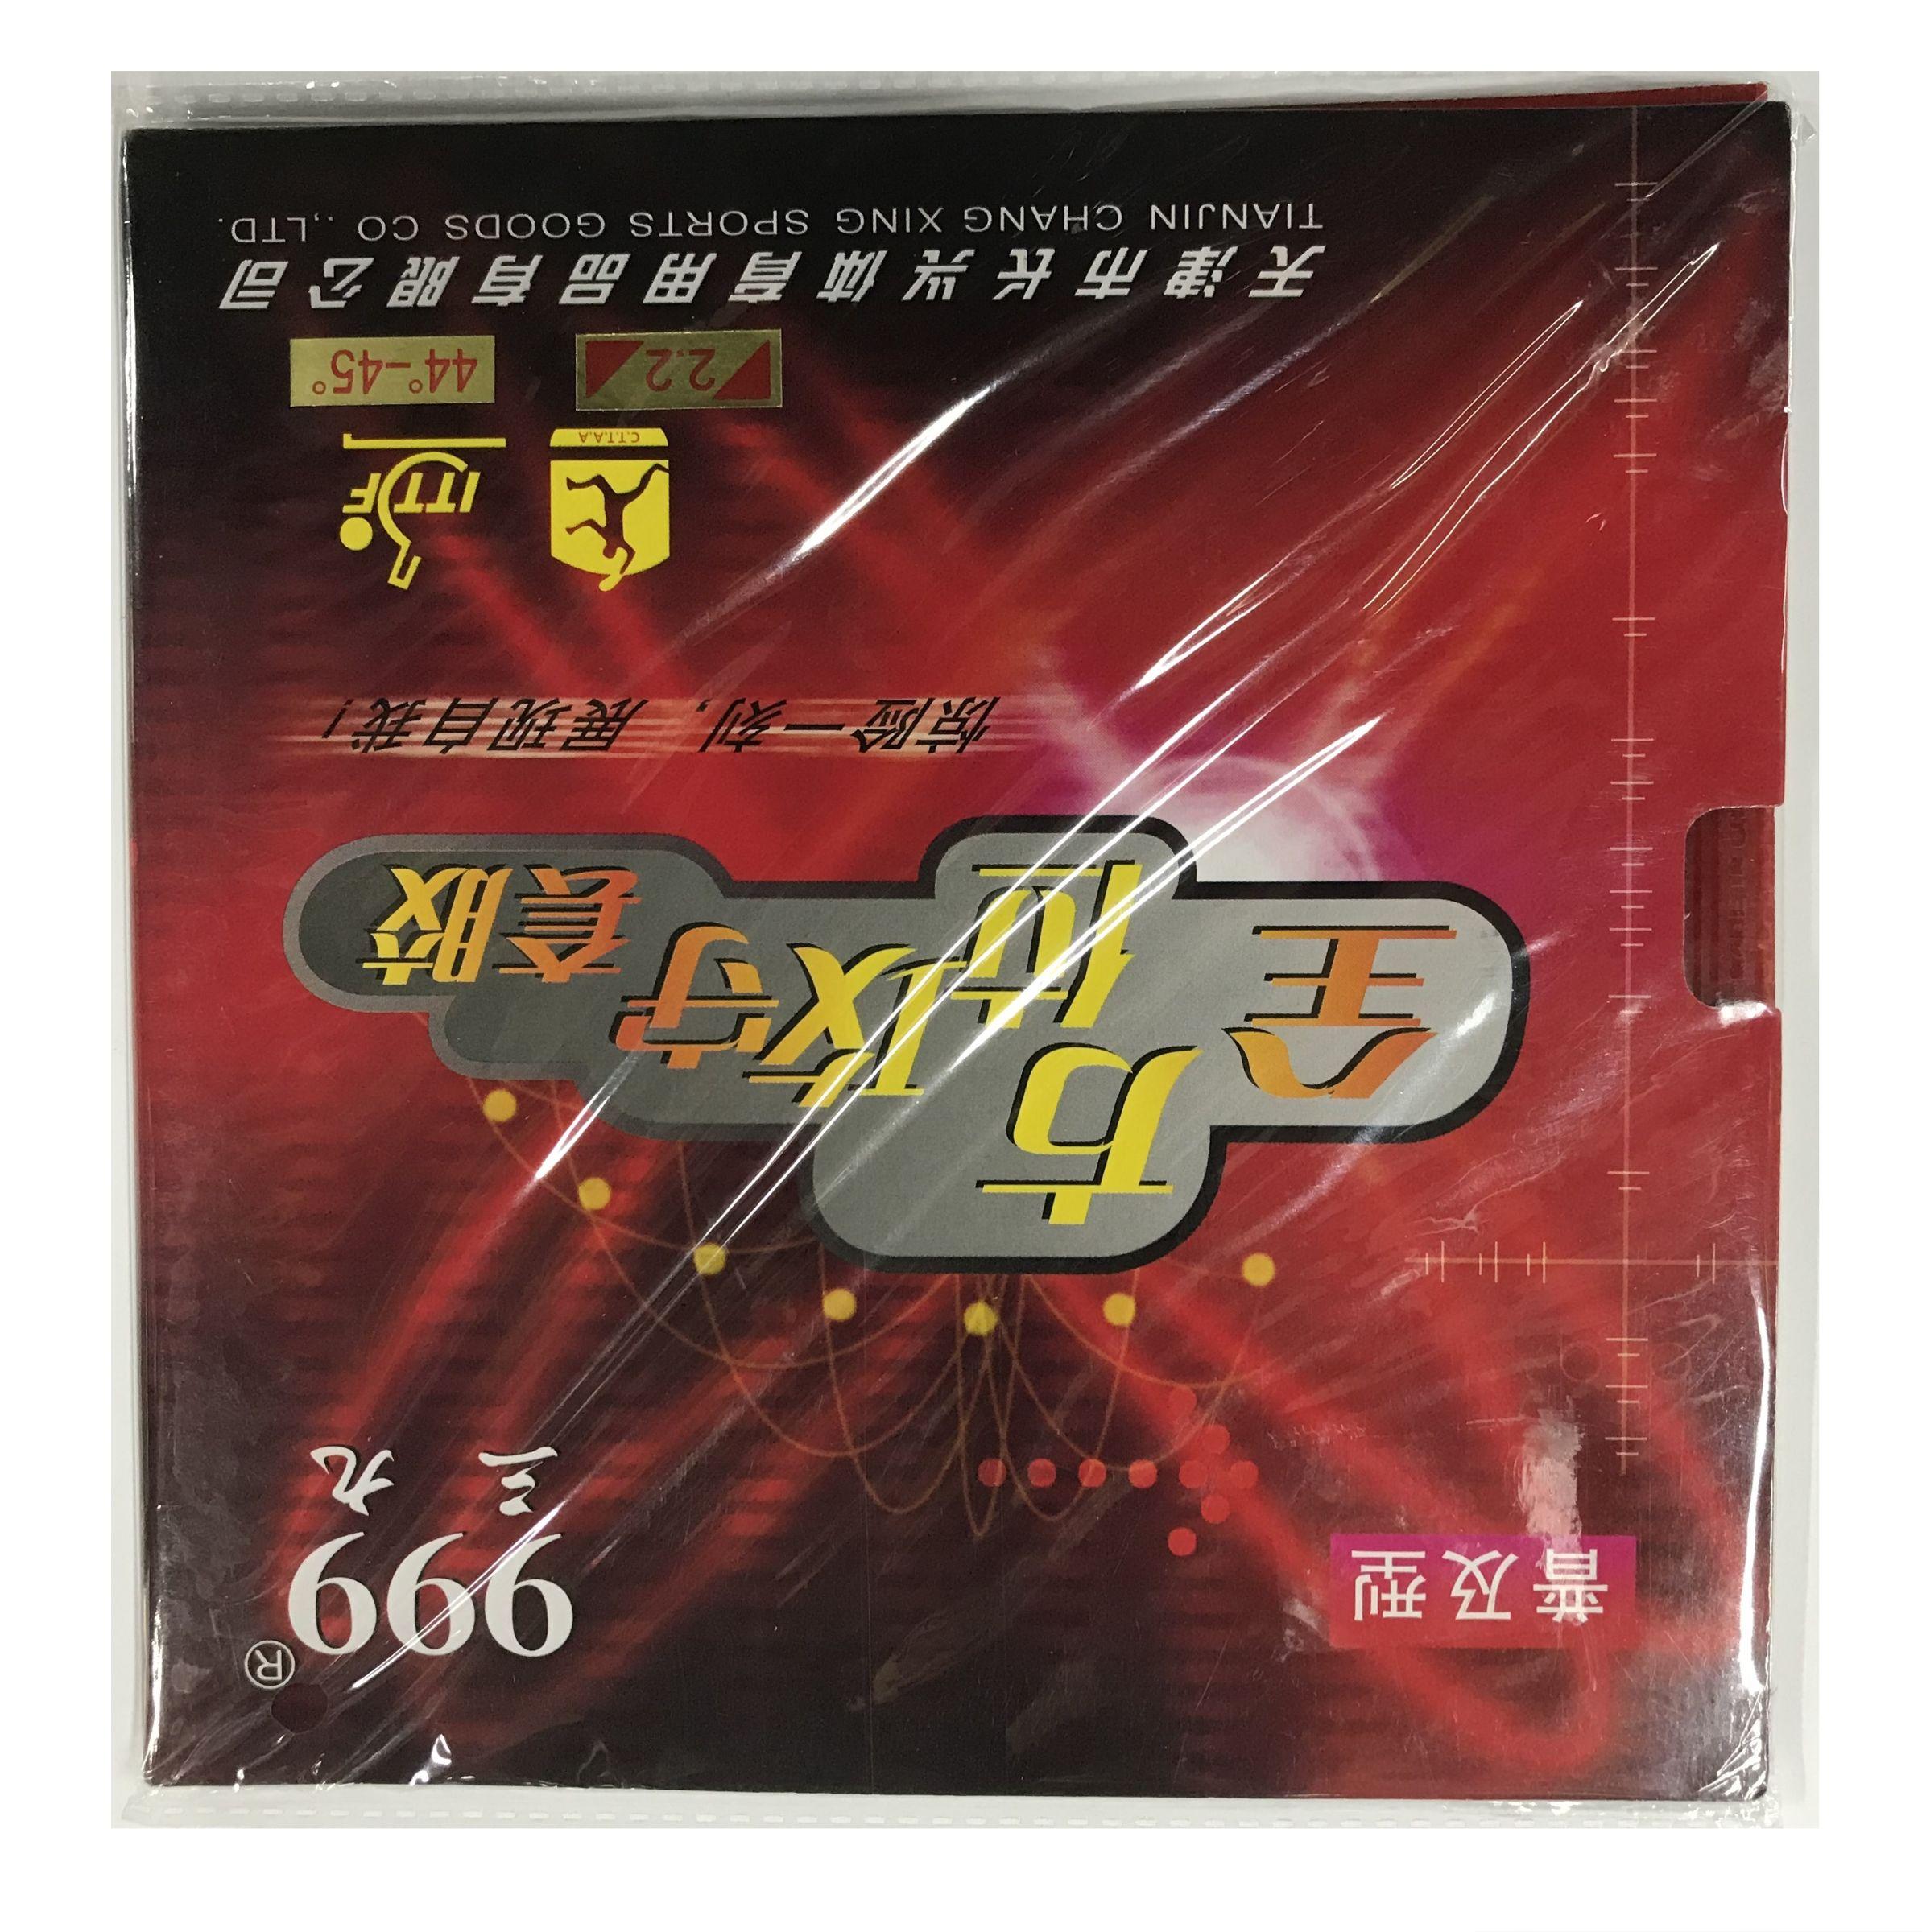 Goma para Paleta de Ping Pong XSF 999